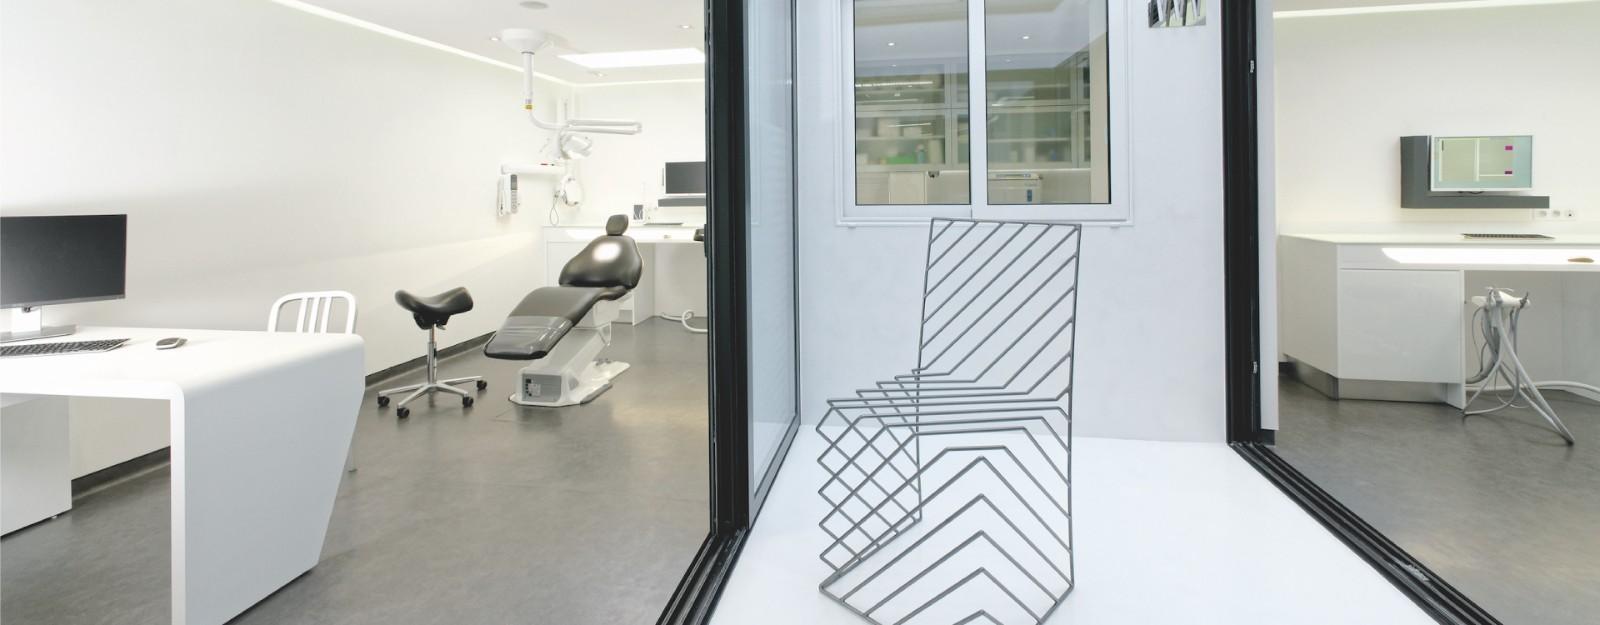 Dr isabelle berland buisson chirurgien dentiste bordeaux - Cabinet radiologie bordeaux ...